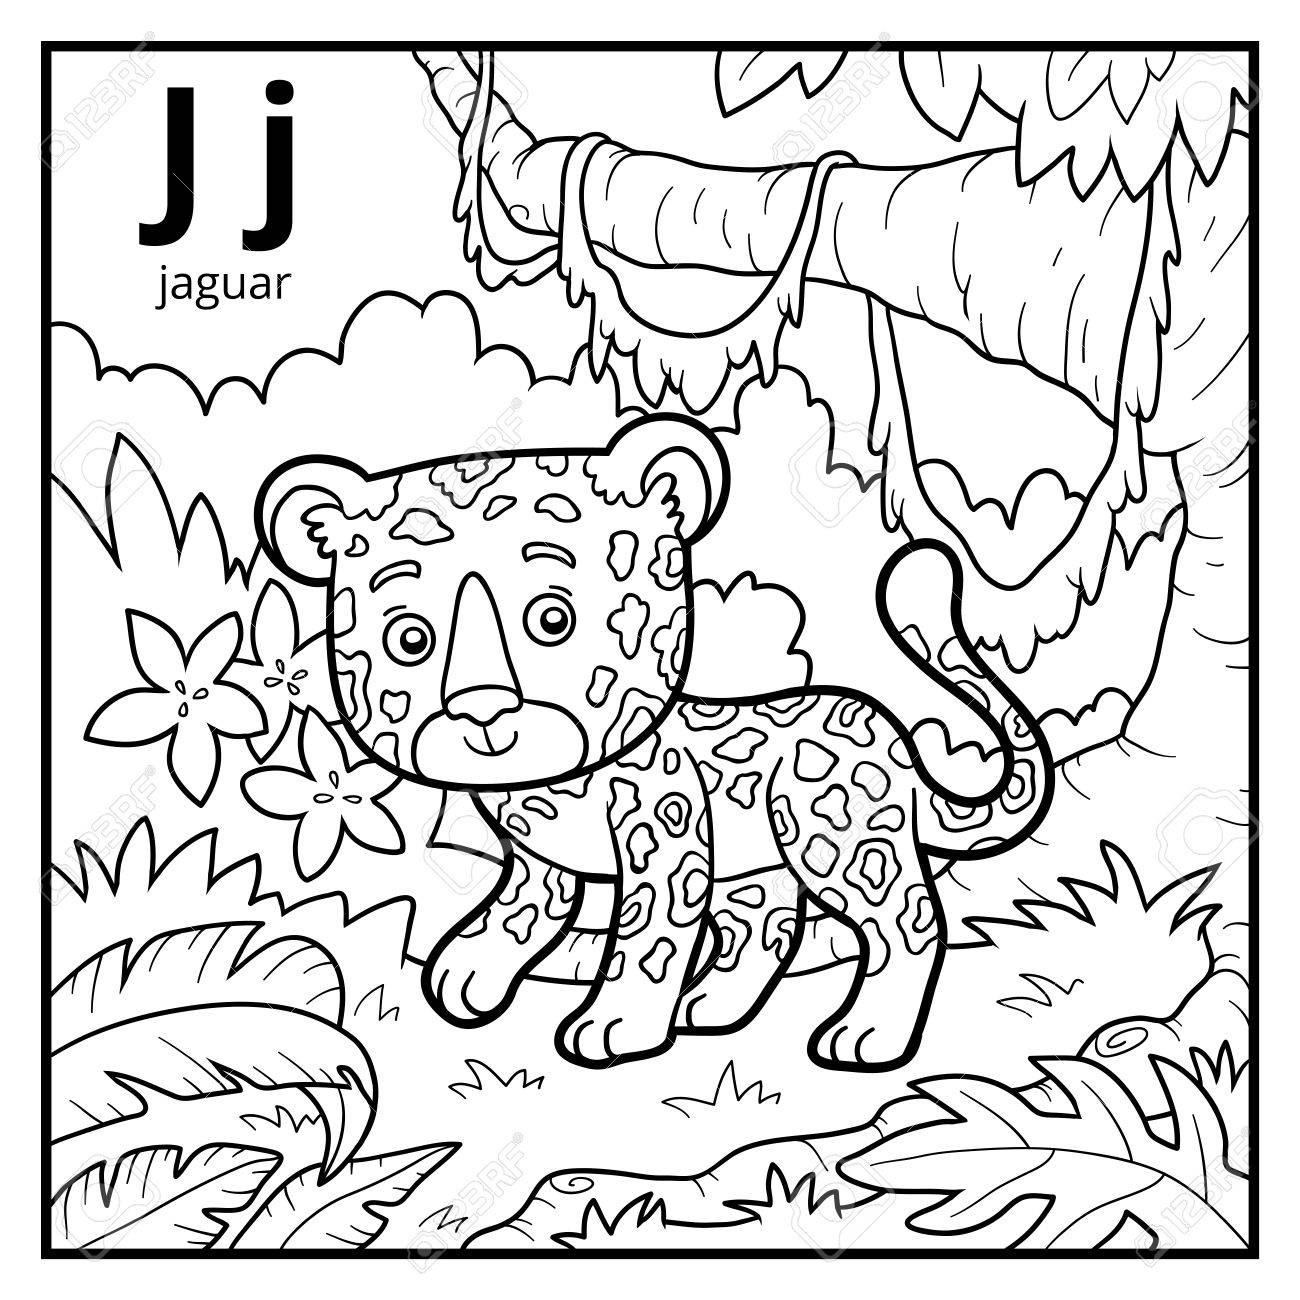 Libro De Colorear Para Niños, Alfabeto Incoloro. Letra J, Jaguar ...